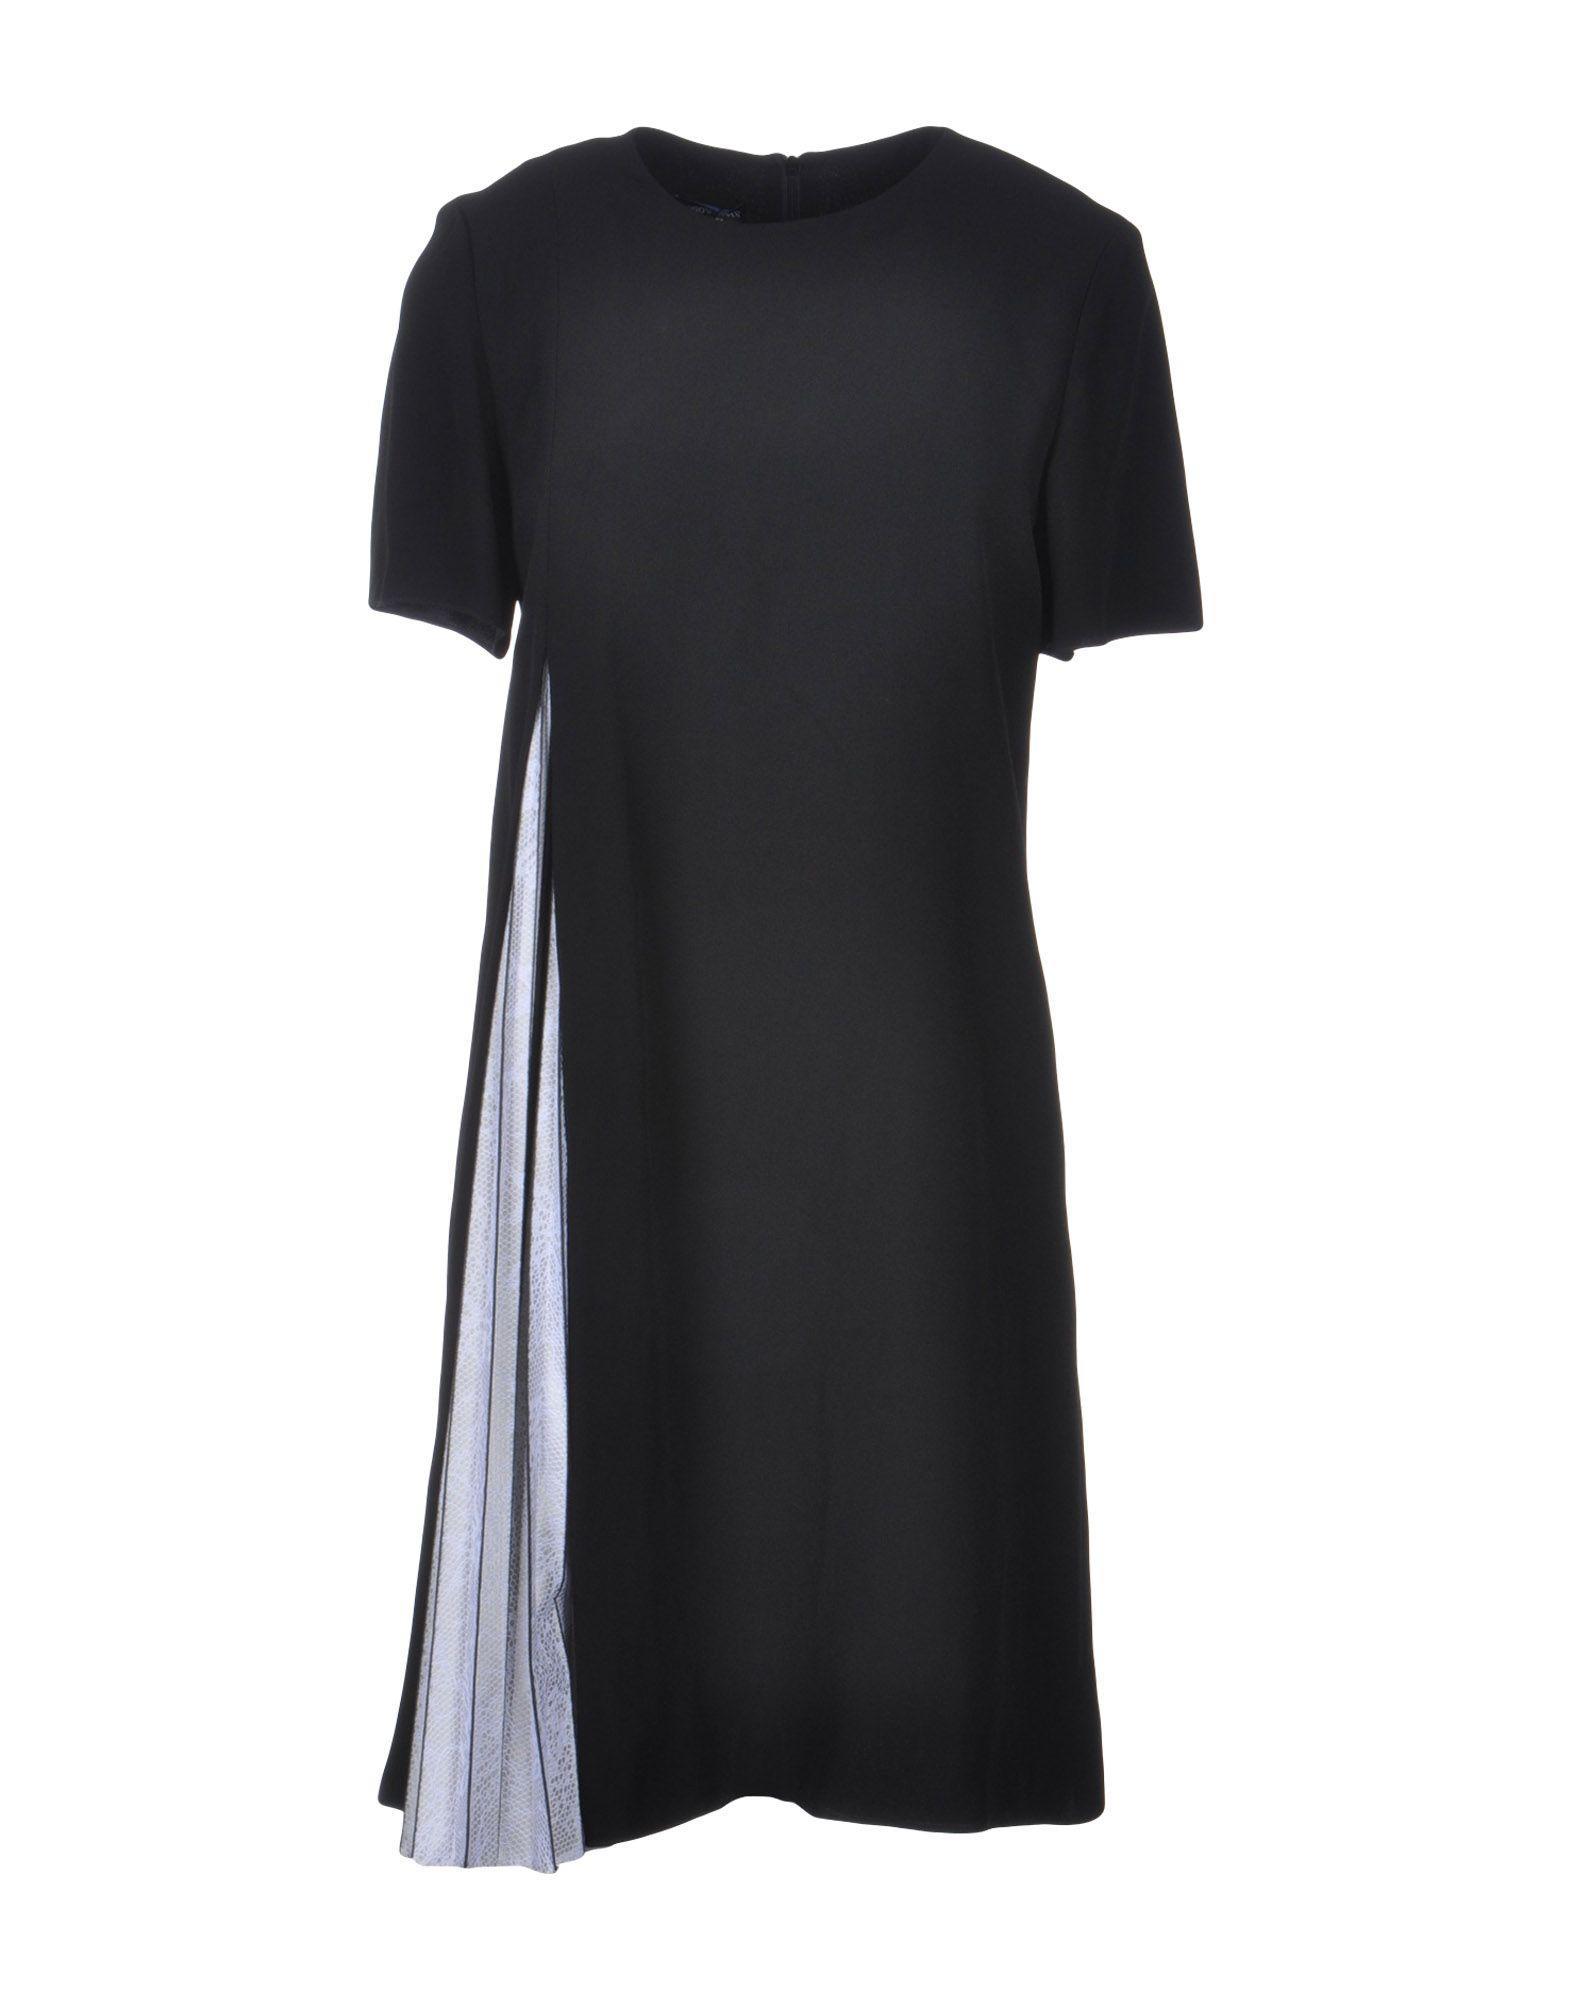 Emporio Armani Short Dress In Black